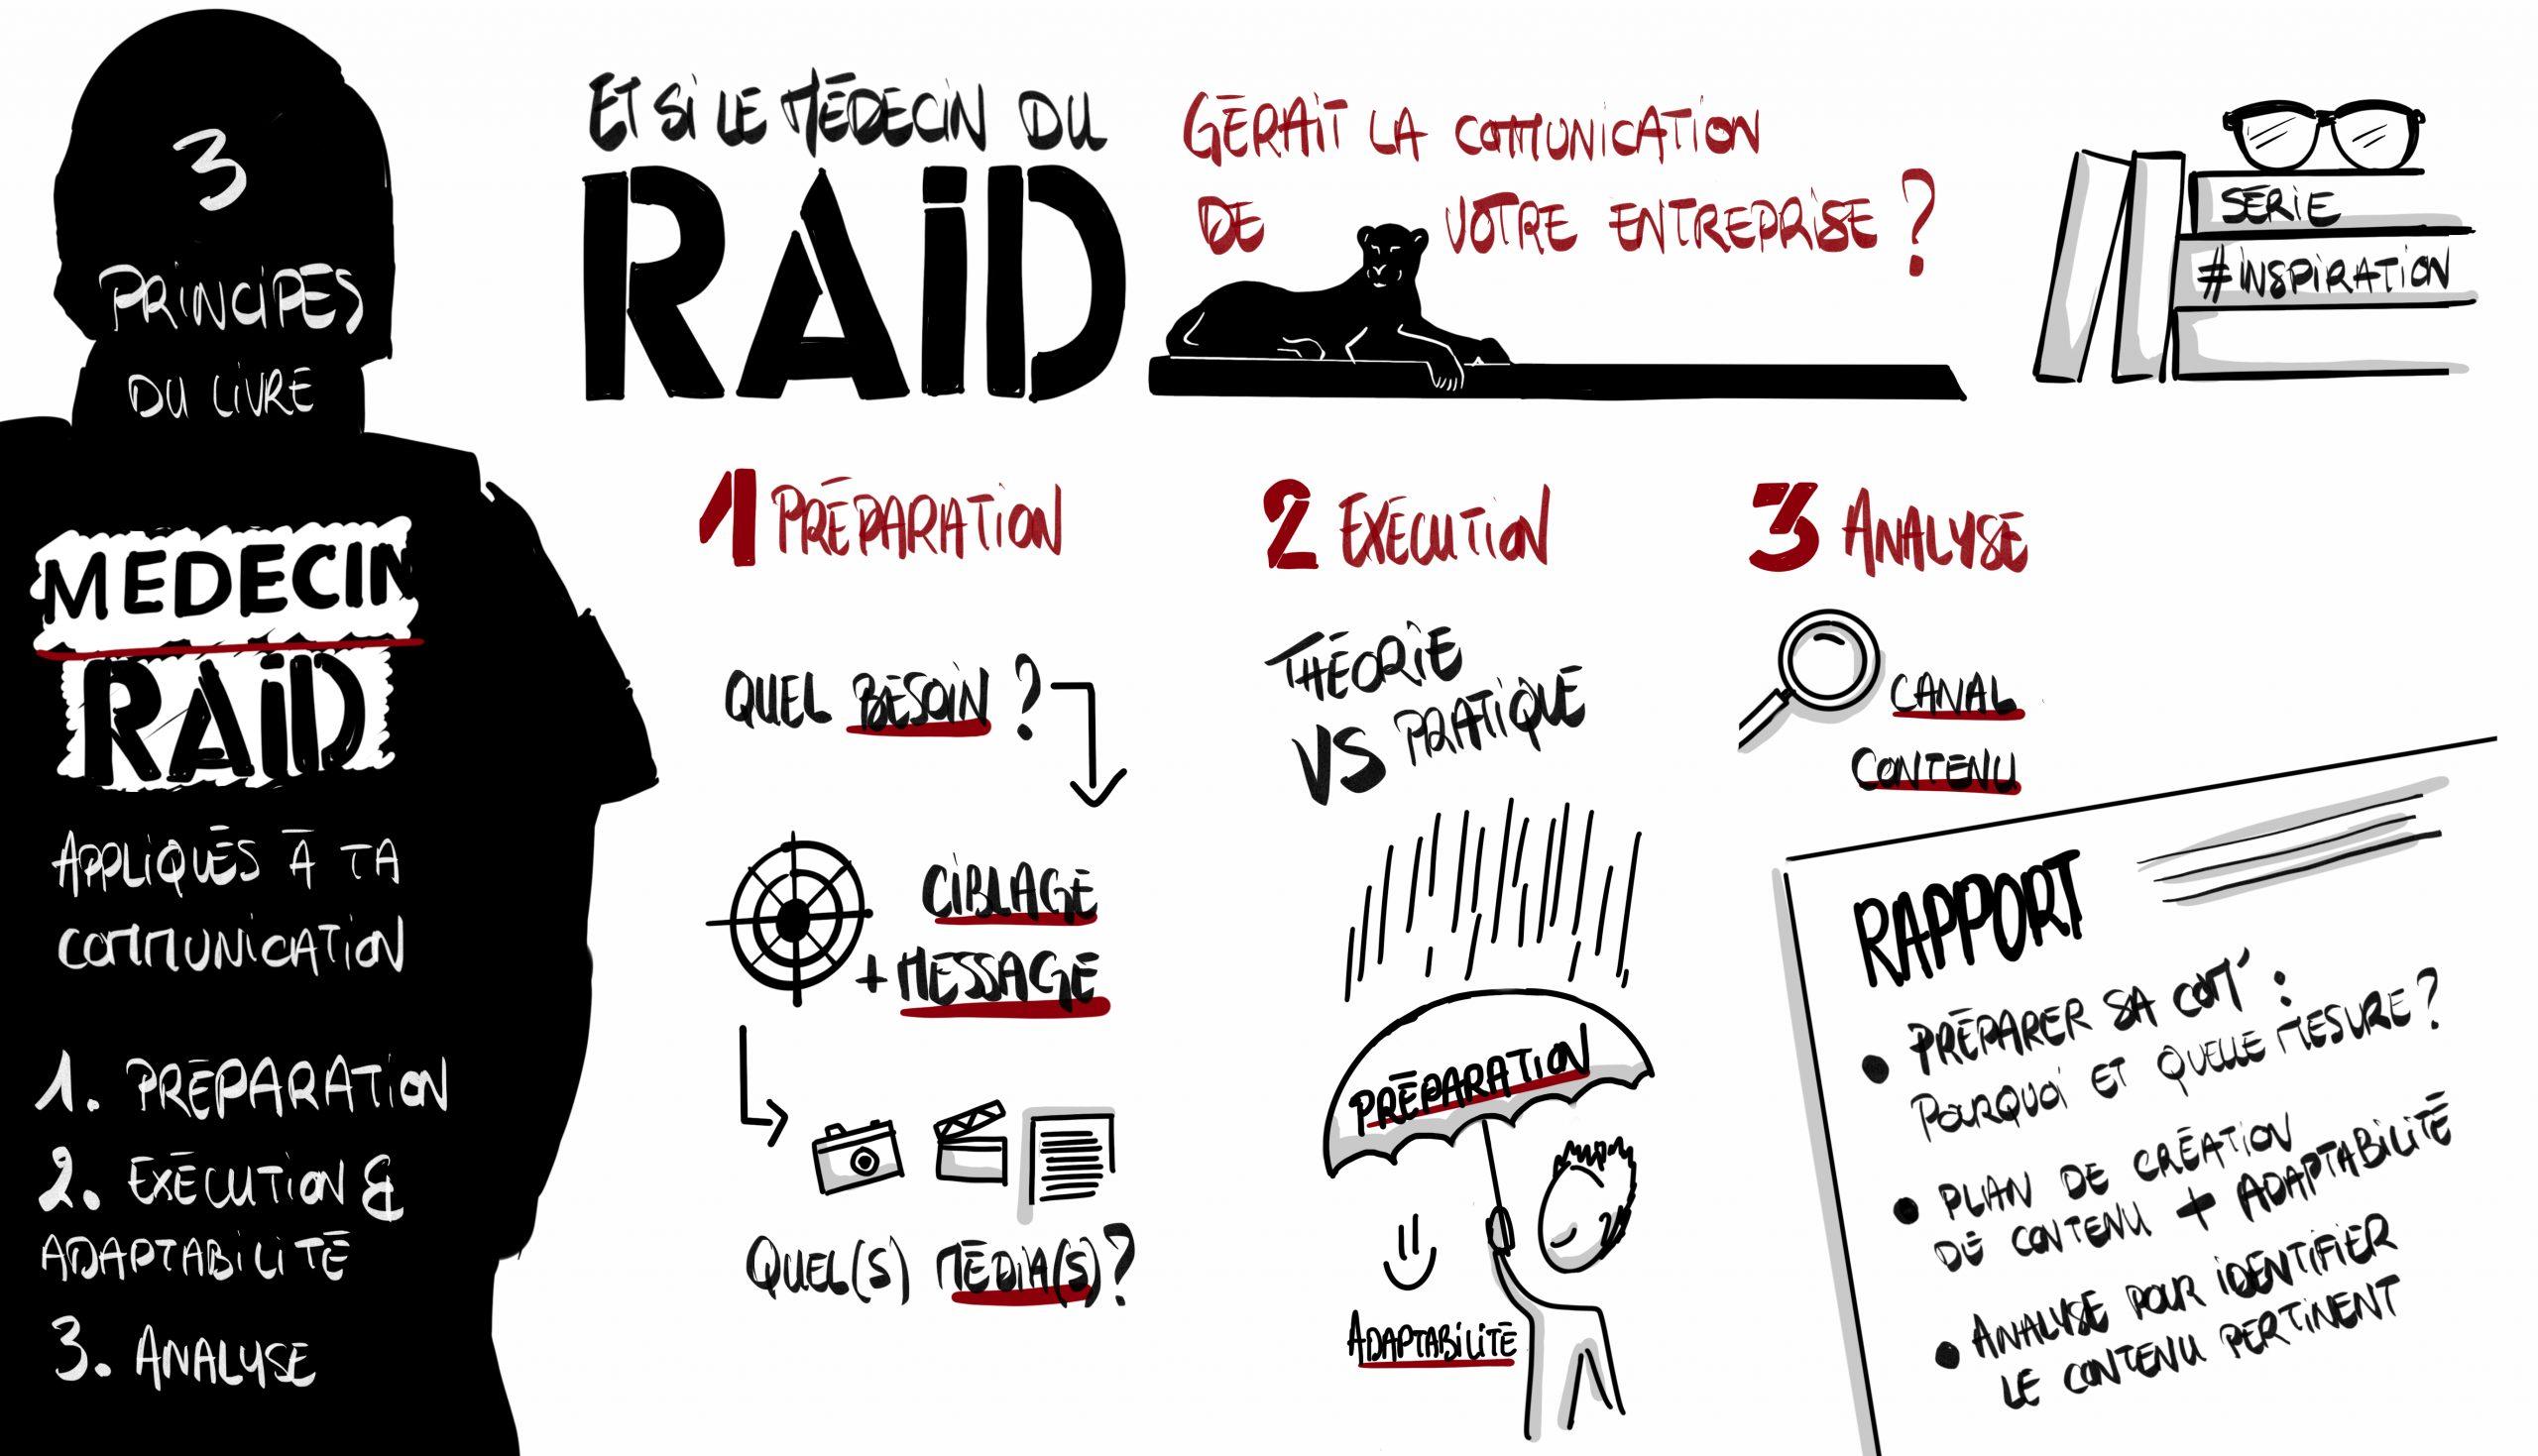 Les étapes de votre communication d'entreprise vues par un médecin du RAID